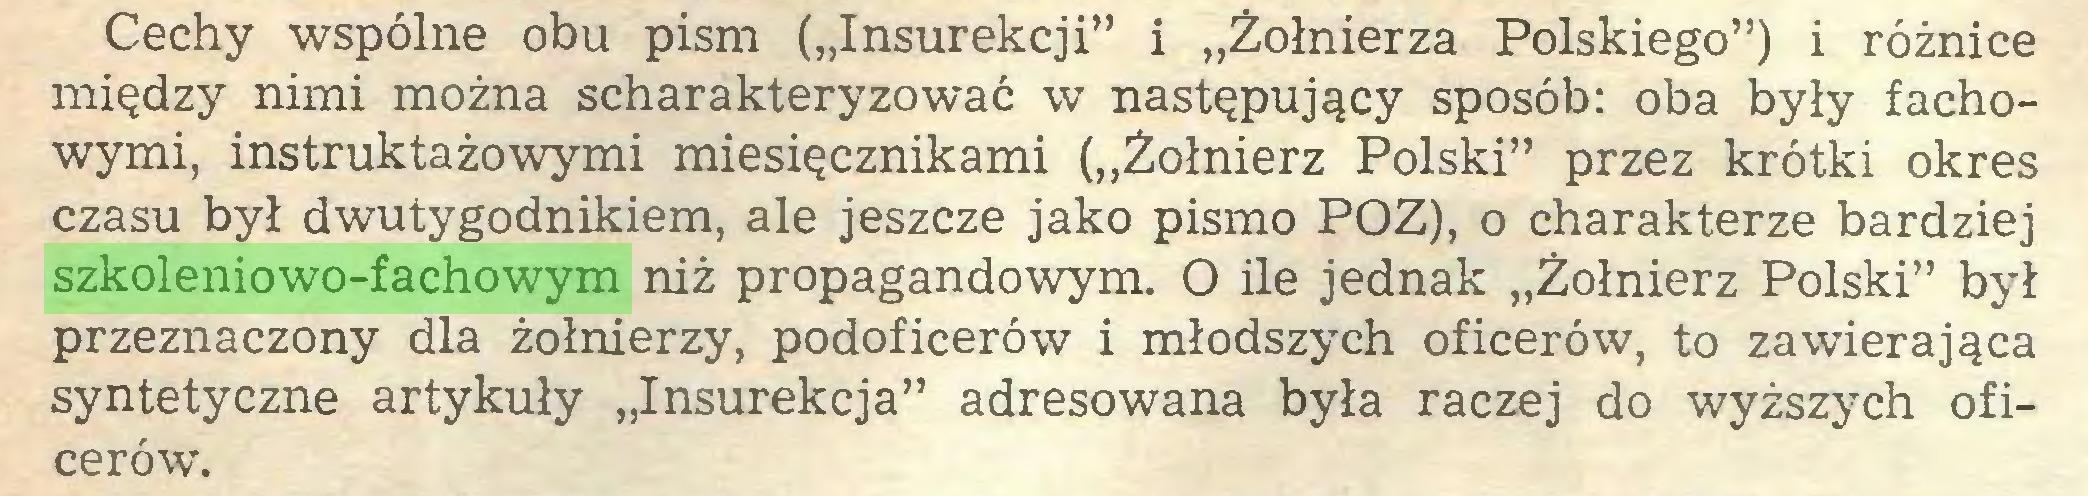 """(...) Cechy wspólne obu pism (""""Insurekcji"""" i """"Żołnierza Polskiego"""") i różnice między nimi można scharakteryzować w następujący sposób: oba były fachowymi, instruktażowymi miesięcznikami (""""Żołnierz Polski"""" przez krótki okres czasu był dwutygodnikiem, ale jeszcze jako pismo POZ), o charakterze bardziej szkoleniowo-fachowym niż propagandowym. O ile jednak """"Żołnierz Polski"""" był przeznaczony dla żołnierzy, podoficerów i młodszych oficerów, to zawierająca syntetyczne artykuły """"Insurekcja"""" adresowana była raczej do wyższych oficerów..."""